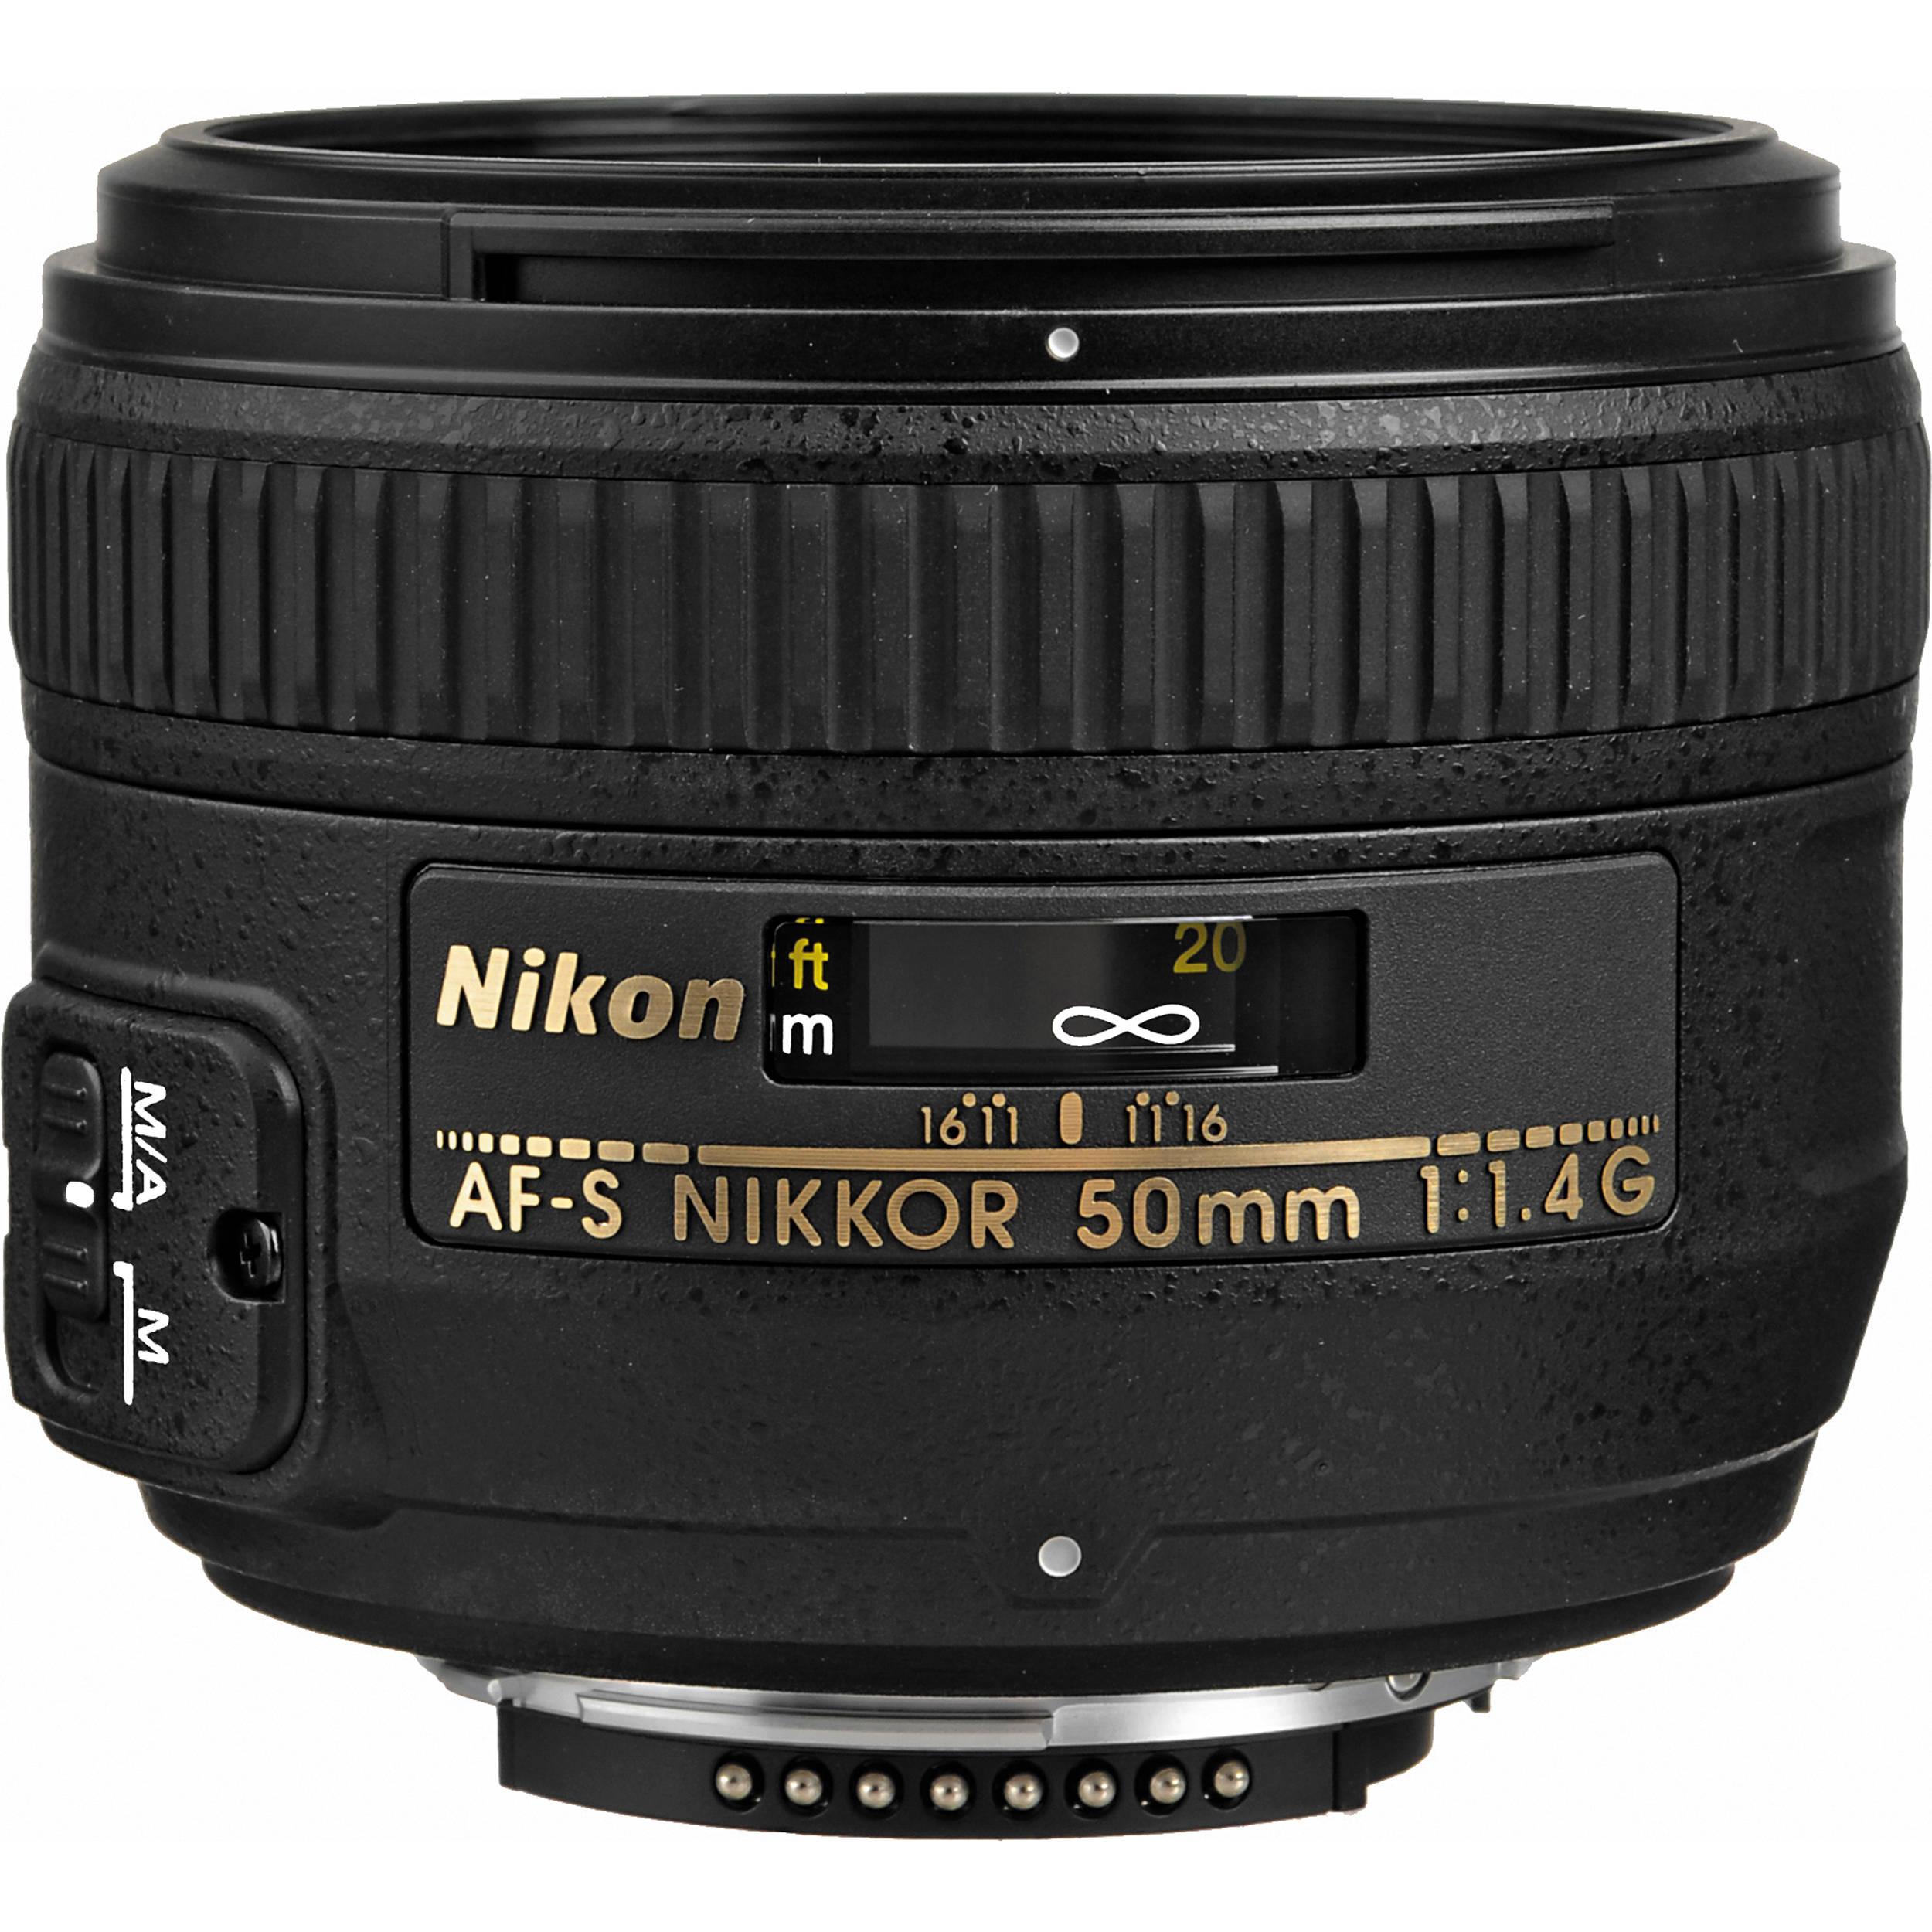 Nikon HB-47 Bayonet Lens Hood for 50mm f//1.4G AF-S